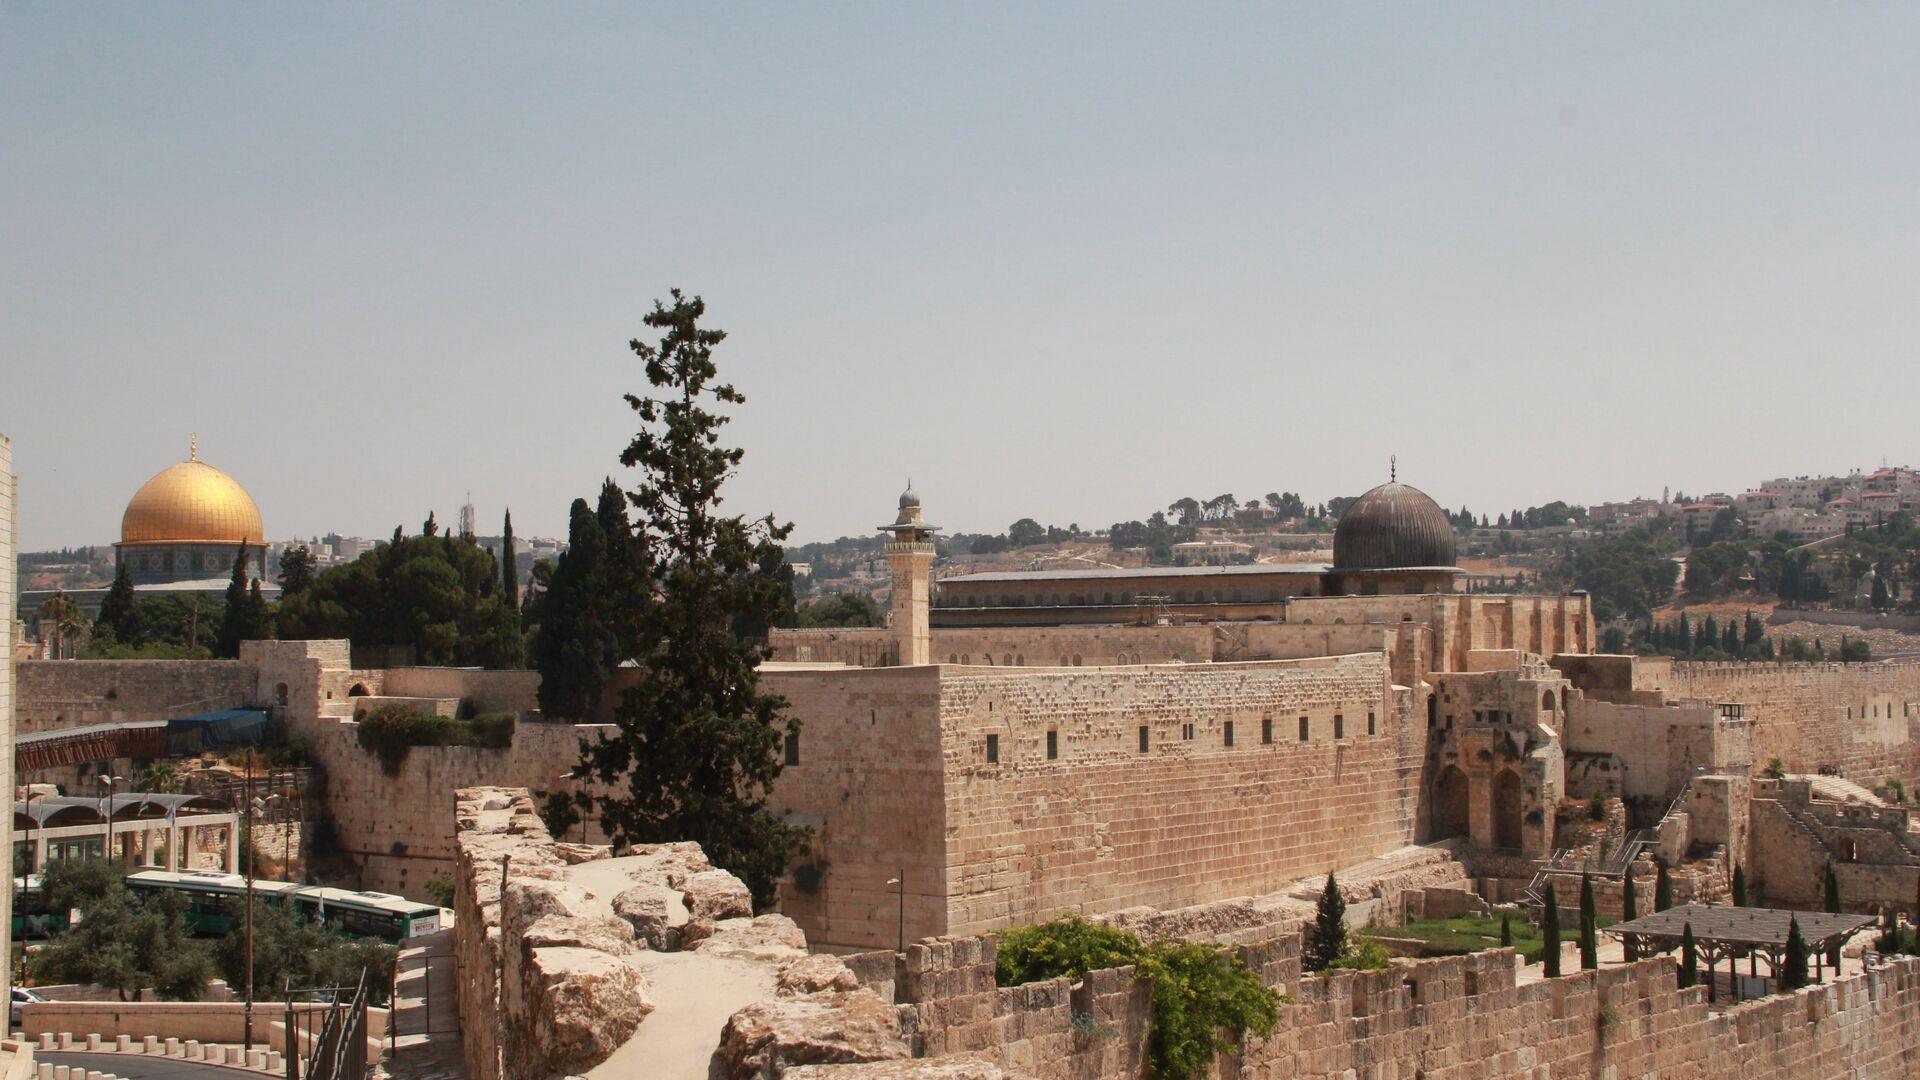 Мечеть Купол скалы и мечеть Аль-Акса на Храмовой горе в Иерусалиме - РИА Новости, 1920, 13.05.2021